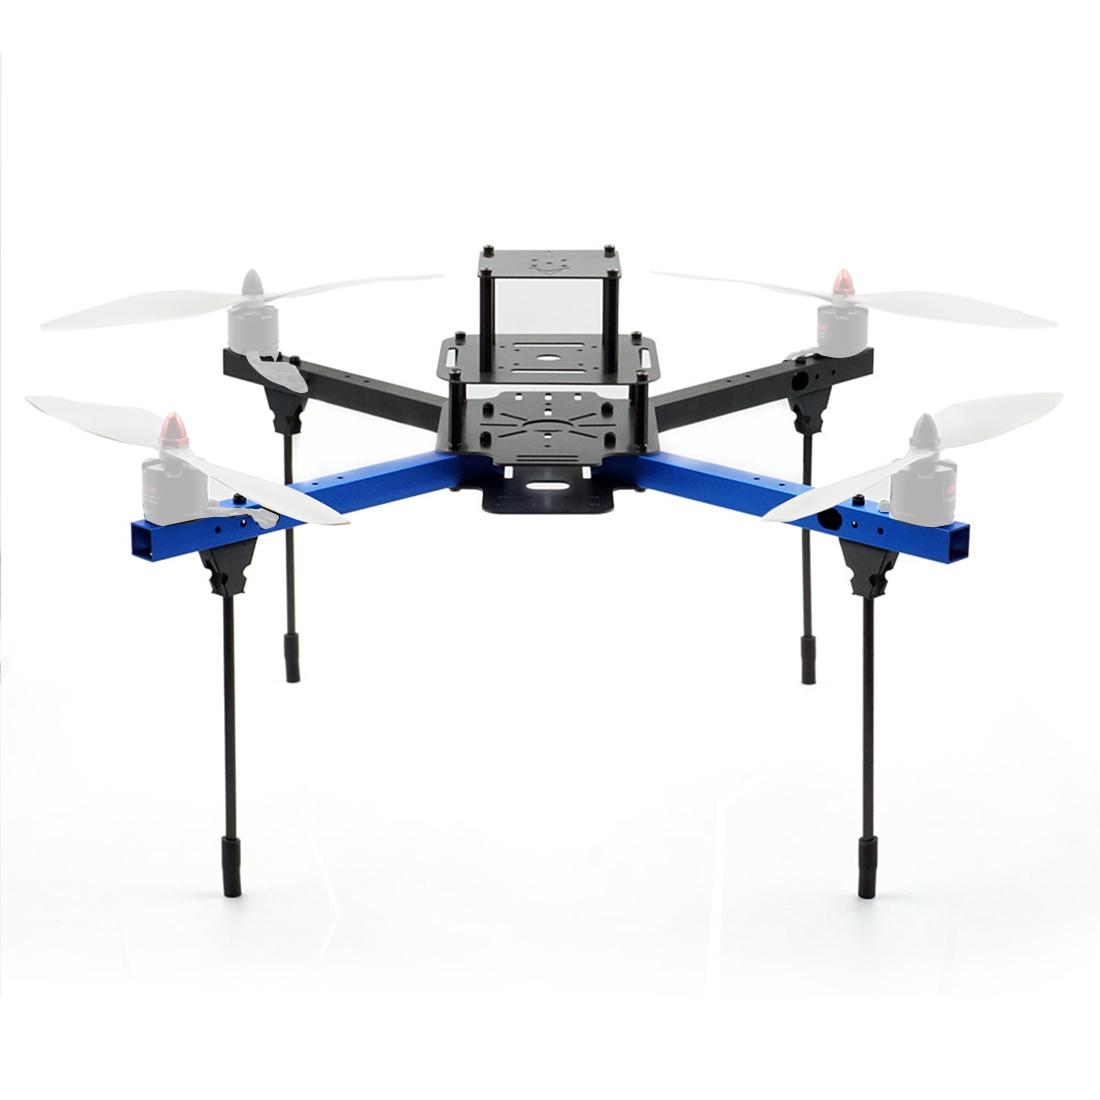 JMT BlueX380 Frame KIT Aluminum Tube Rack For DIY FPV Racing Drone